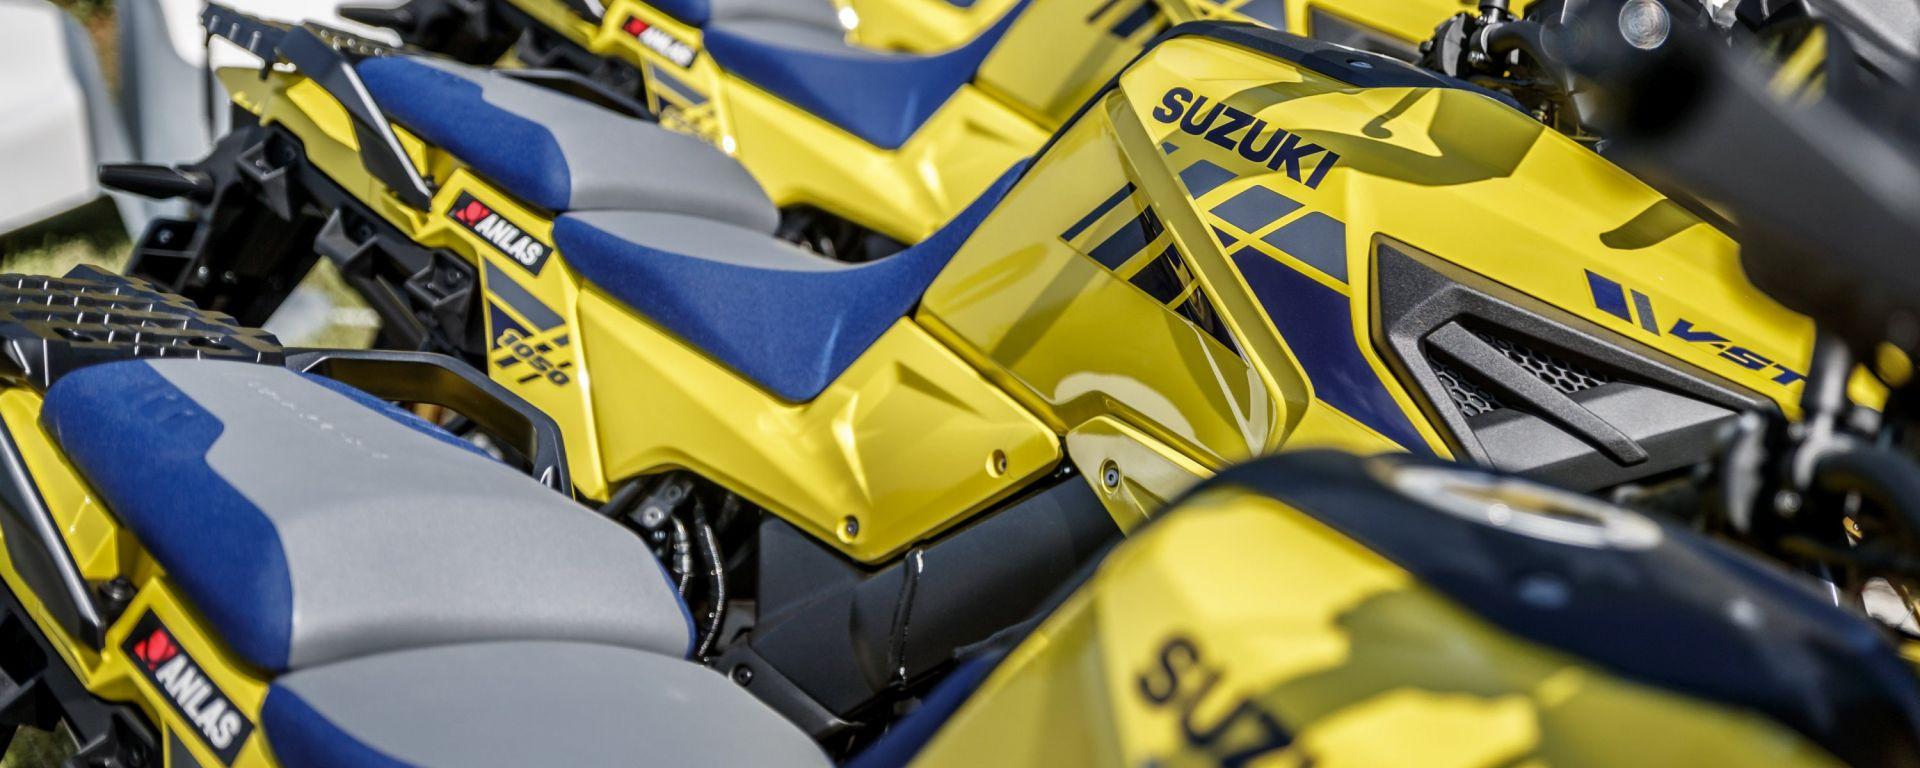 Suzuki Smart Meet: l'iniziativa online